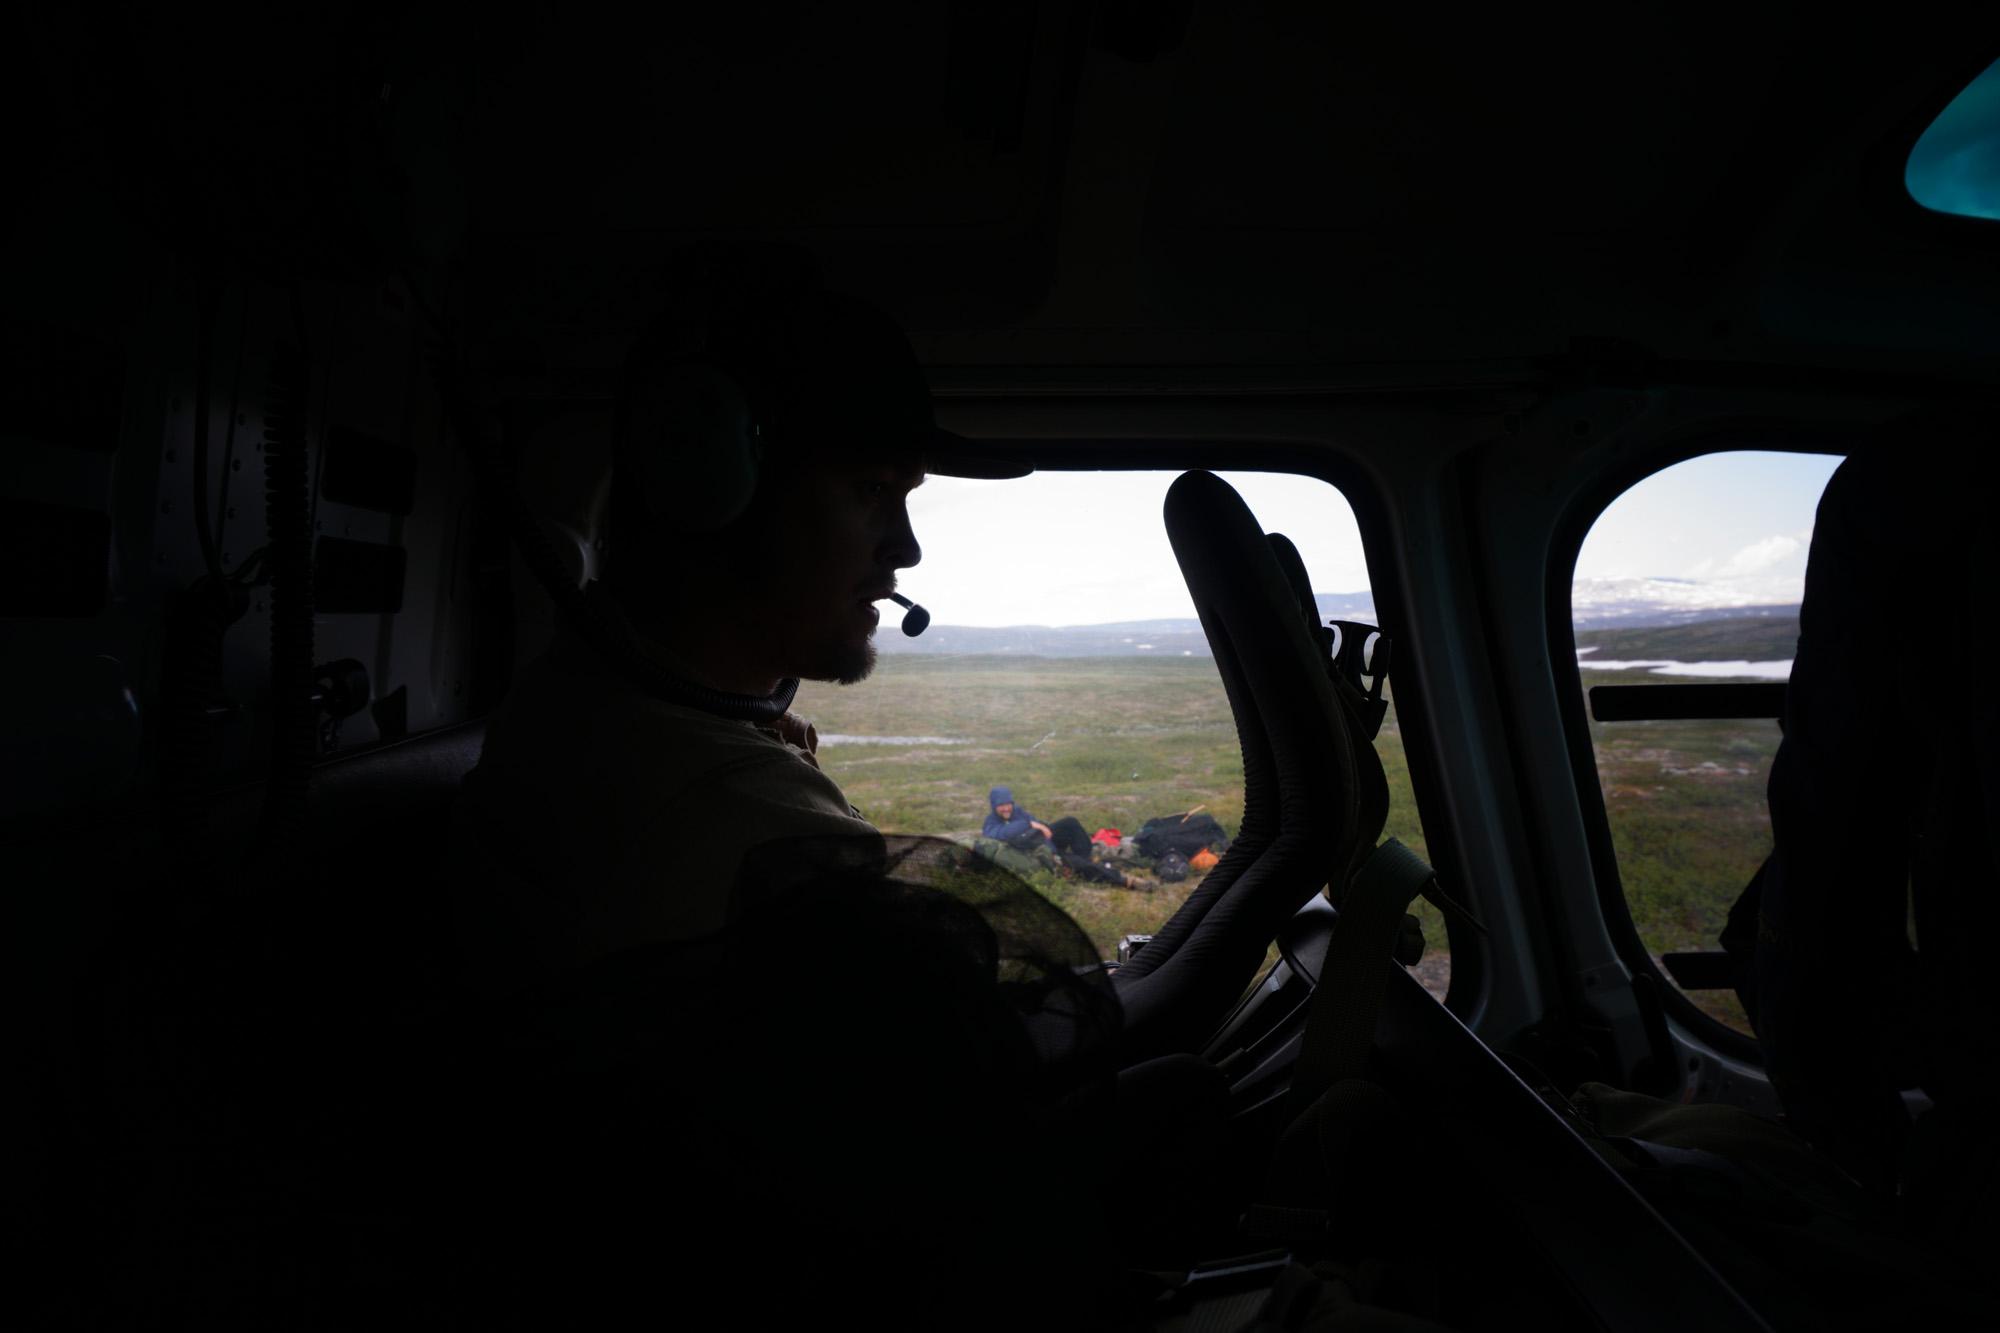 Førstereis ville bare sitte i lyngen, og Vea ville bare kjøre kopter. Foto: Arnstein Værdal